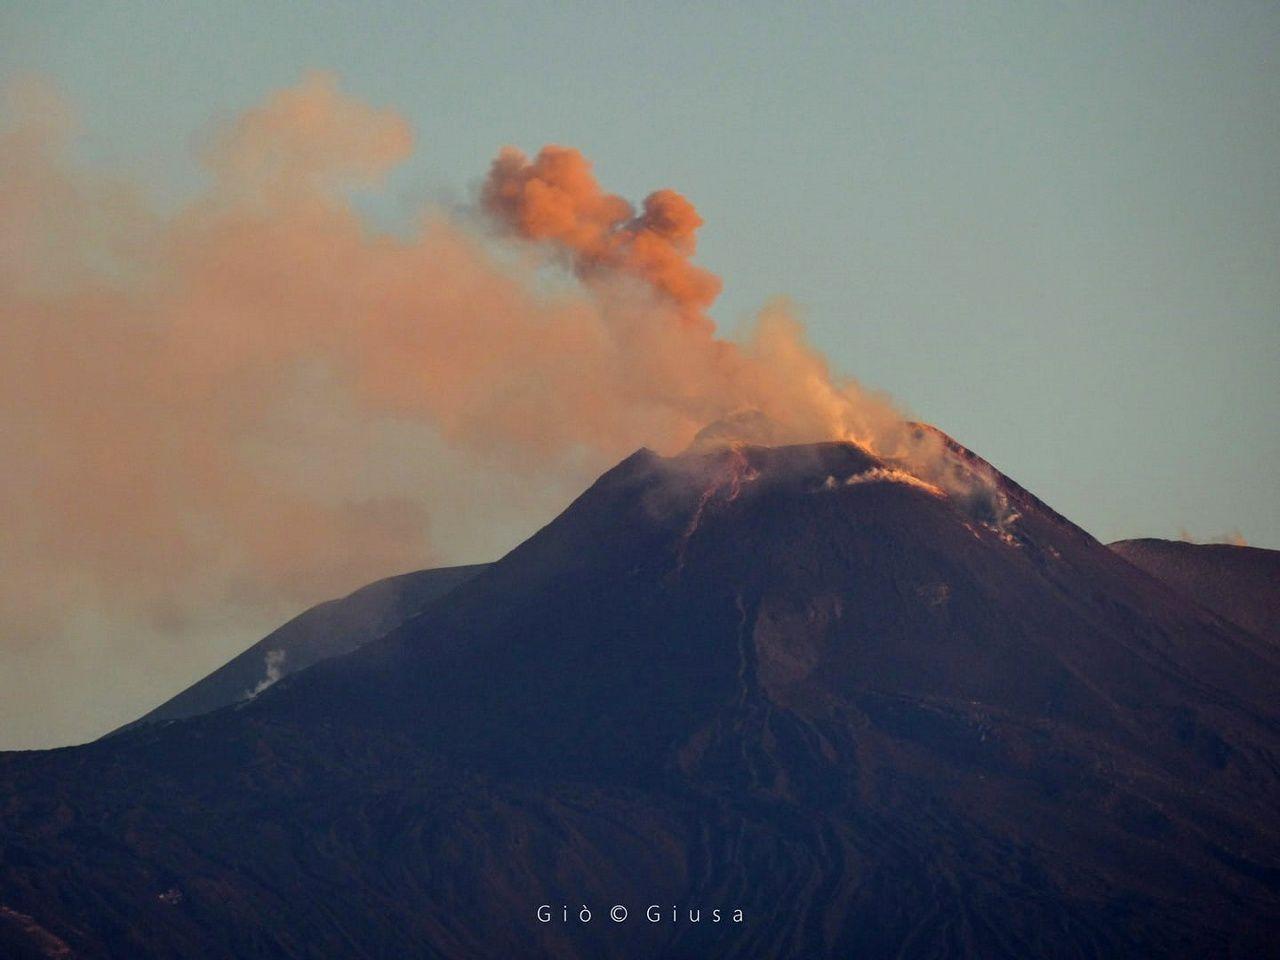 Etna - 25.06.2017 - photo du dessus : au matin - Gio Giusa  - Etna e dintorni in foto - photo inférieure : en soirée, Boris Behncke.